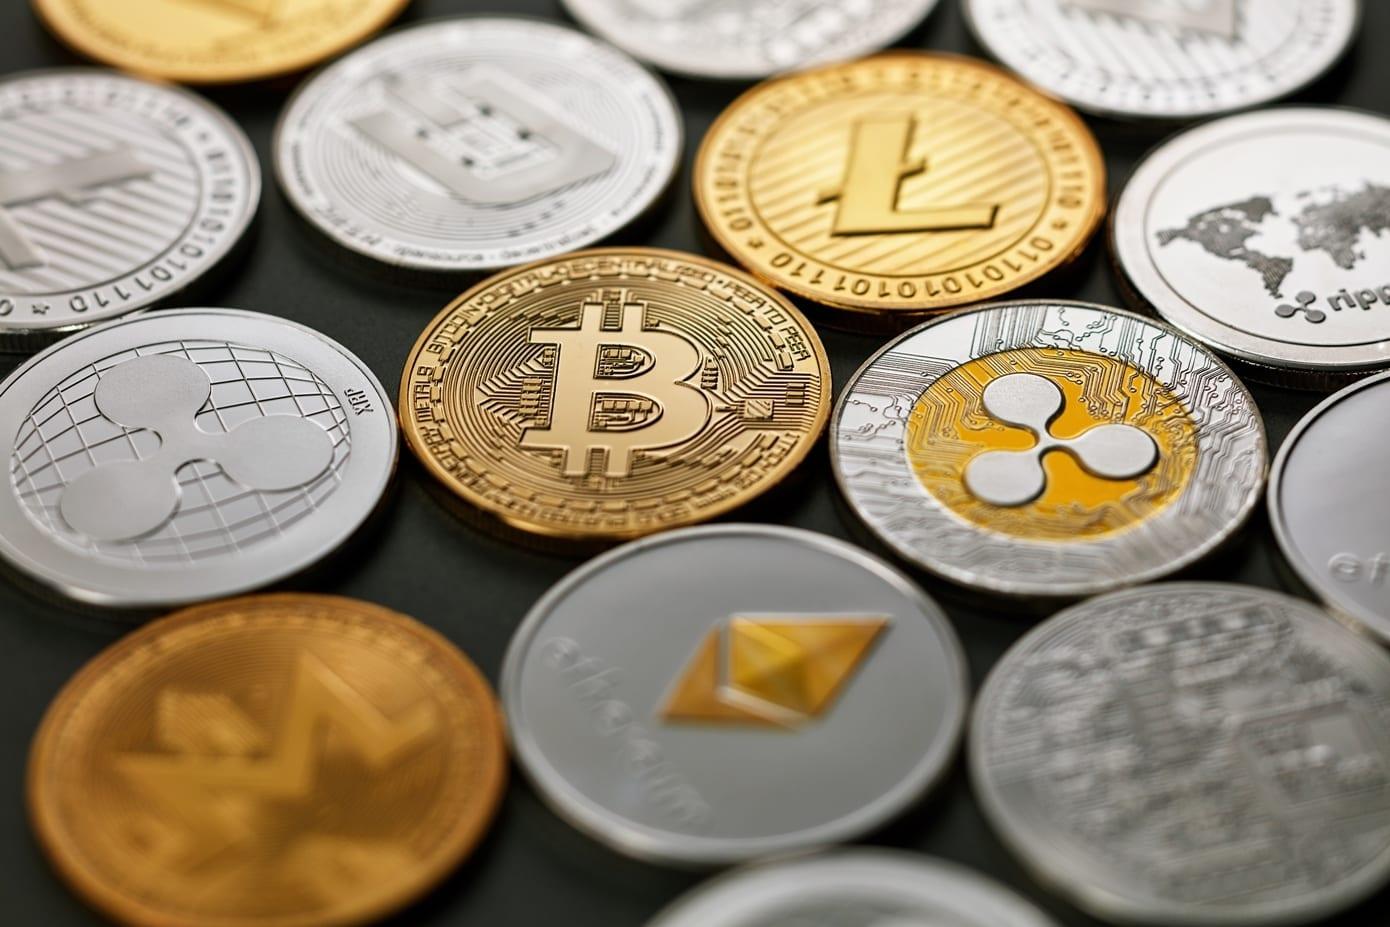 Le Top 3 du marché de la cryptomonnaie a enregistré un début de semaine positif. Le prix du Bitcoin (BTC), Ethereum (ETH) et Ripple (XRP) concluant la journée dans le vert et inscrivant des gains de plusieurs pourcents au cours de la journée.